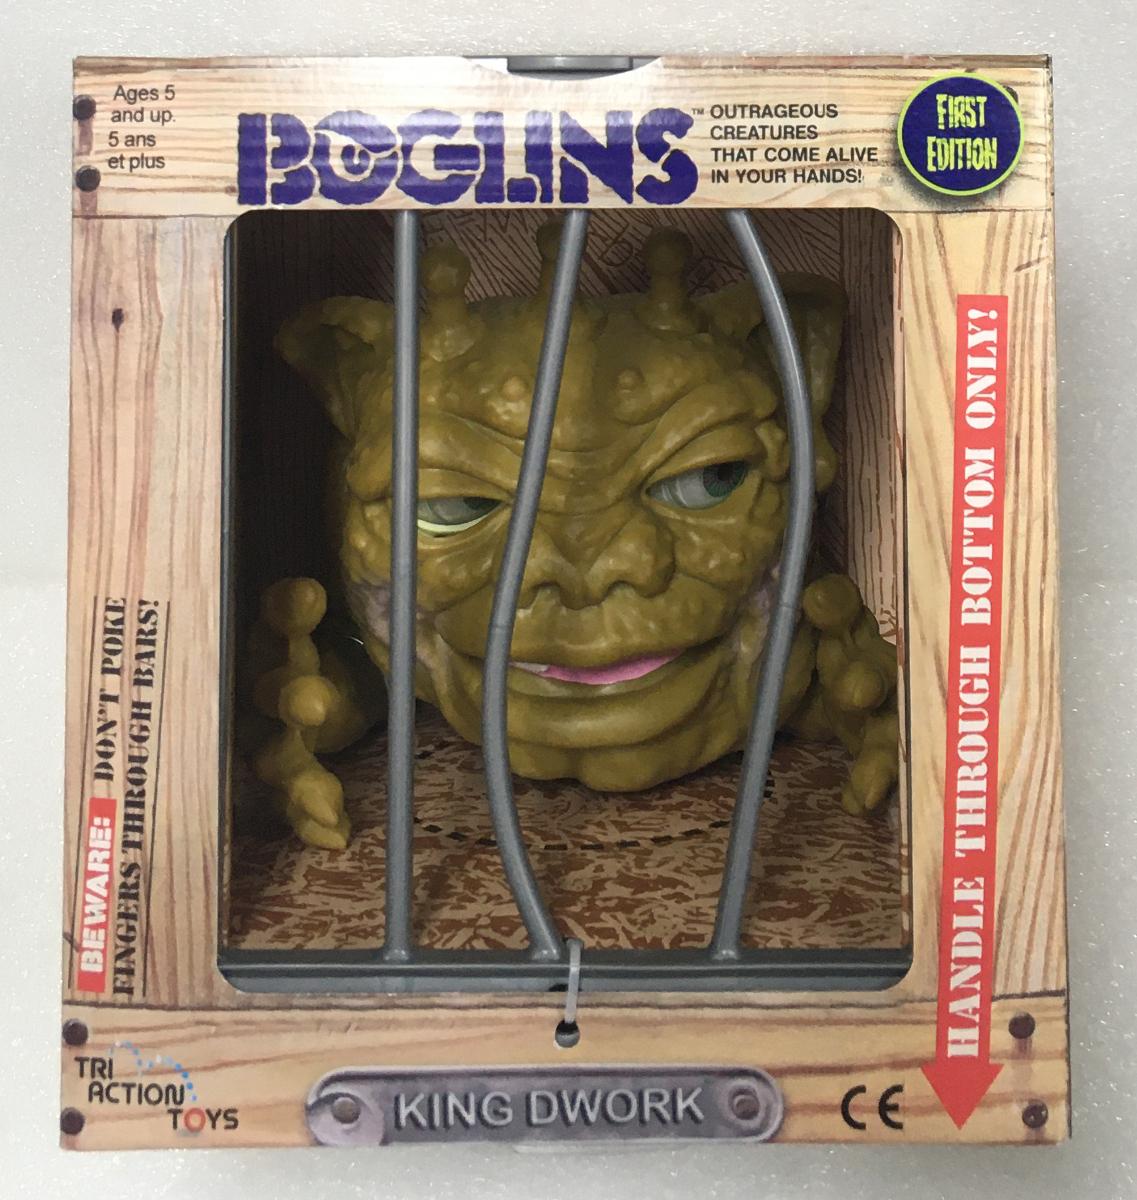 Tri Action Toys Boglins King Dwork 1